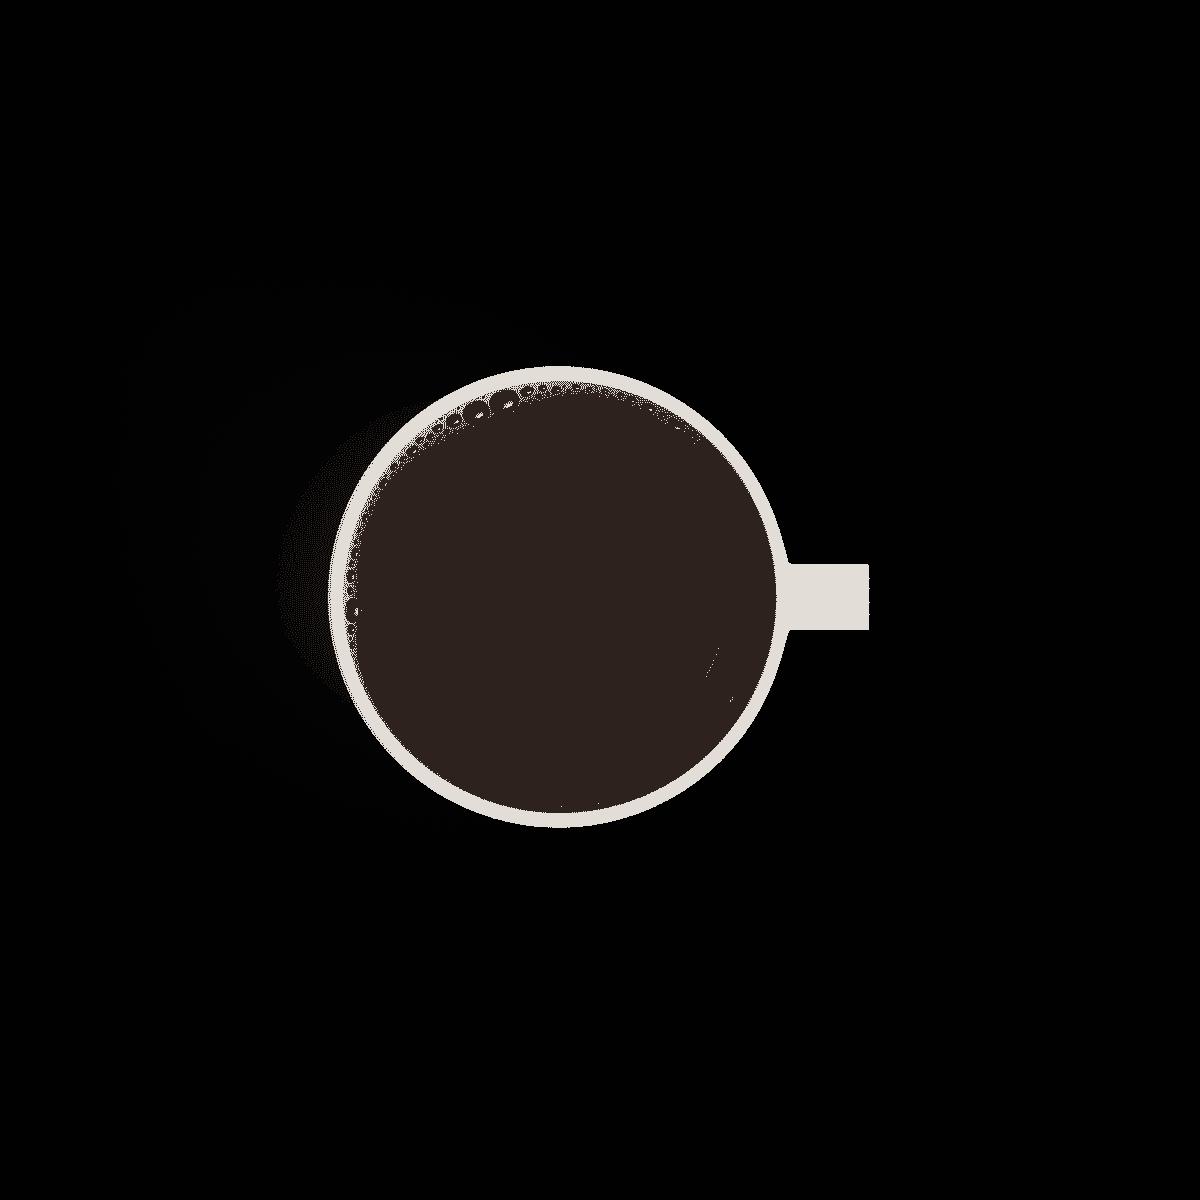 qommon marketing communicatie koffie